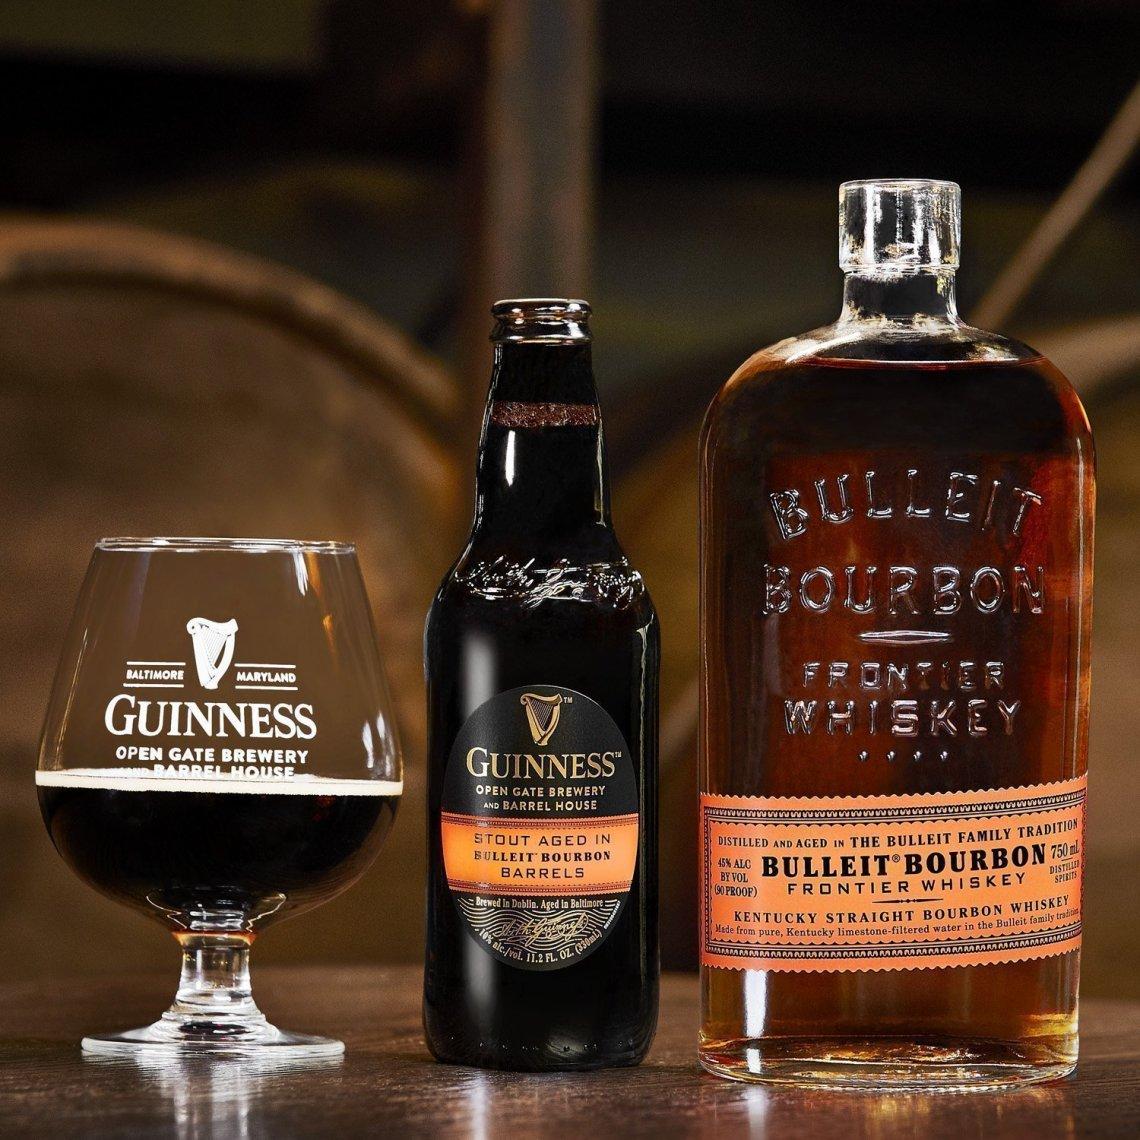 Guinness Stout Aged in Bulleit Bourbon Barrels